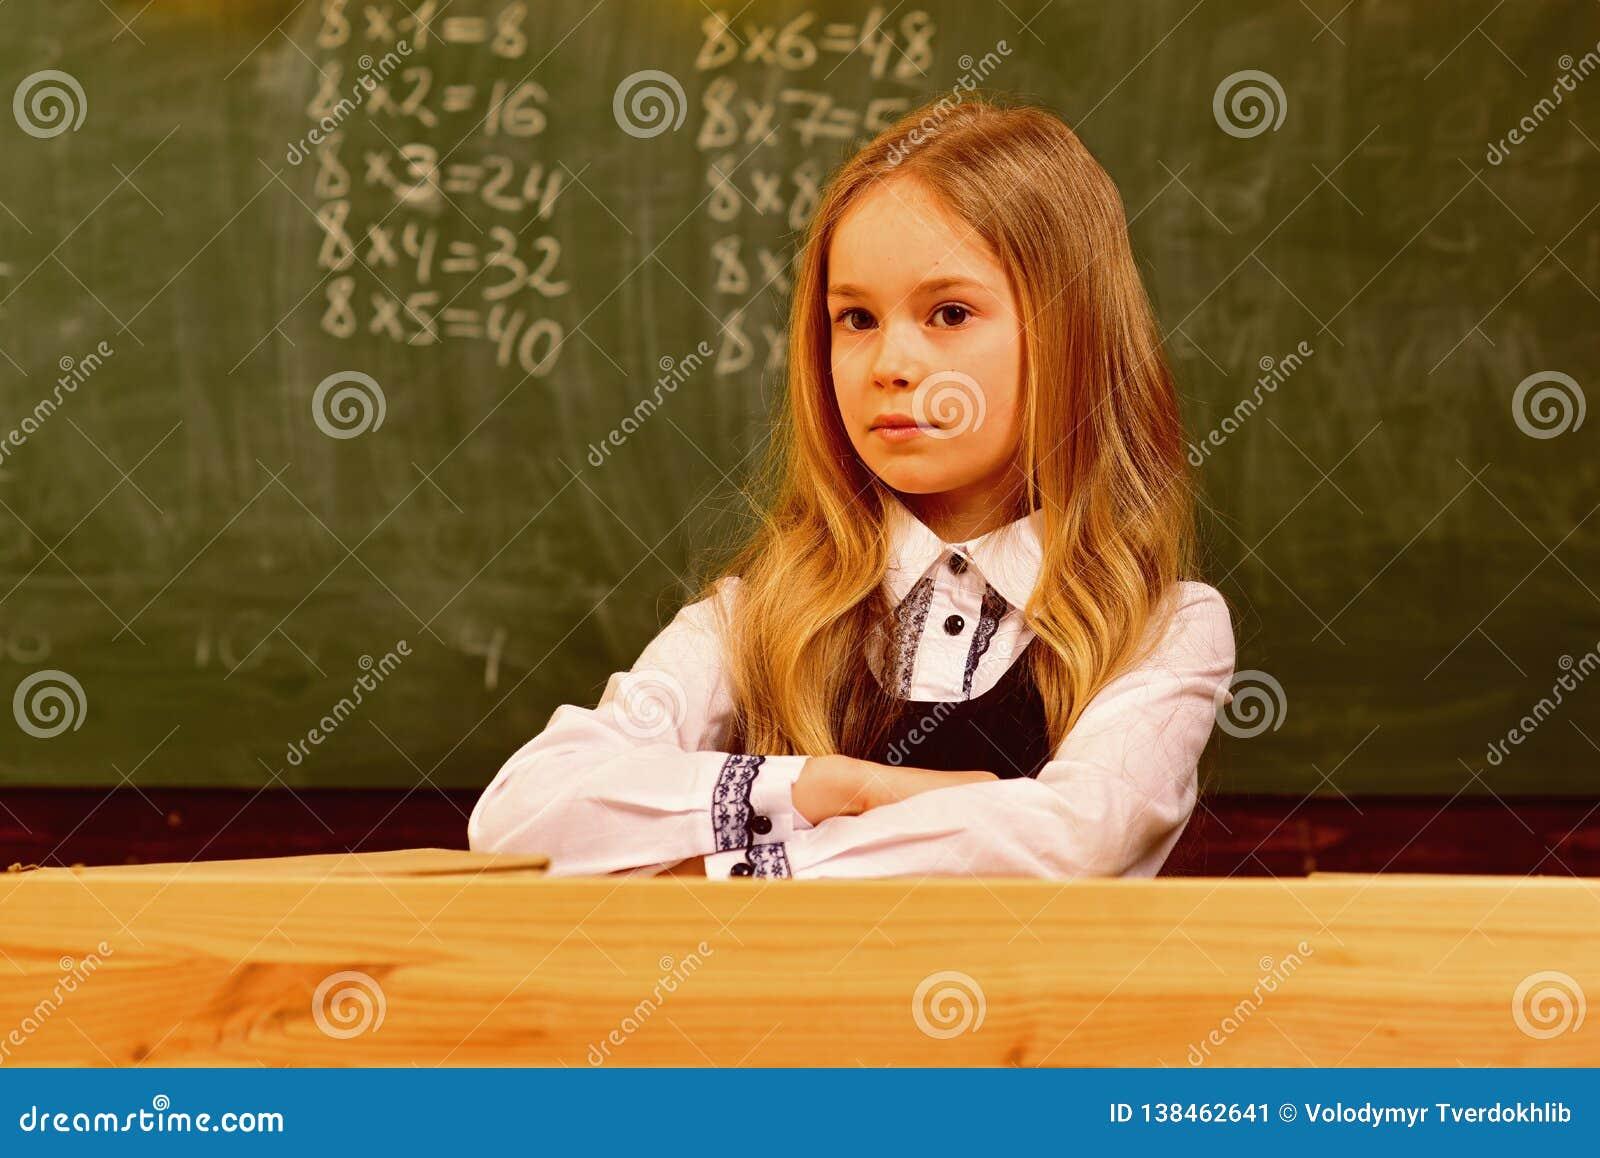 Kleines Mädchen kleines Mädchen mit ernstem Gesicht in der Schule kleine Lektion des Mädchens in der Schule kleines Mädchen ist b